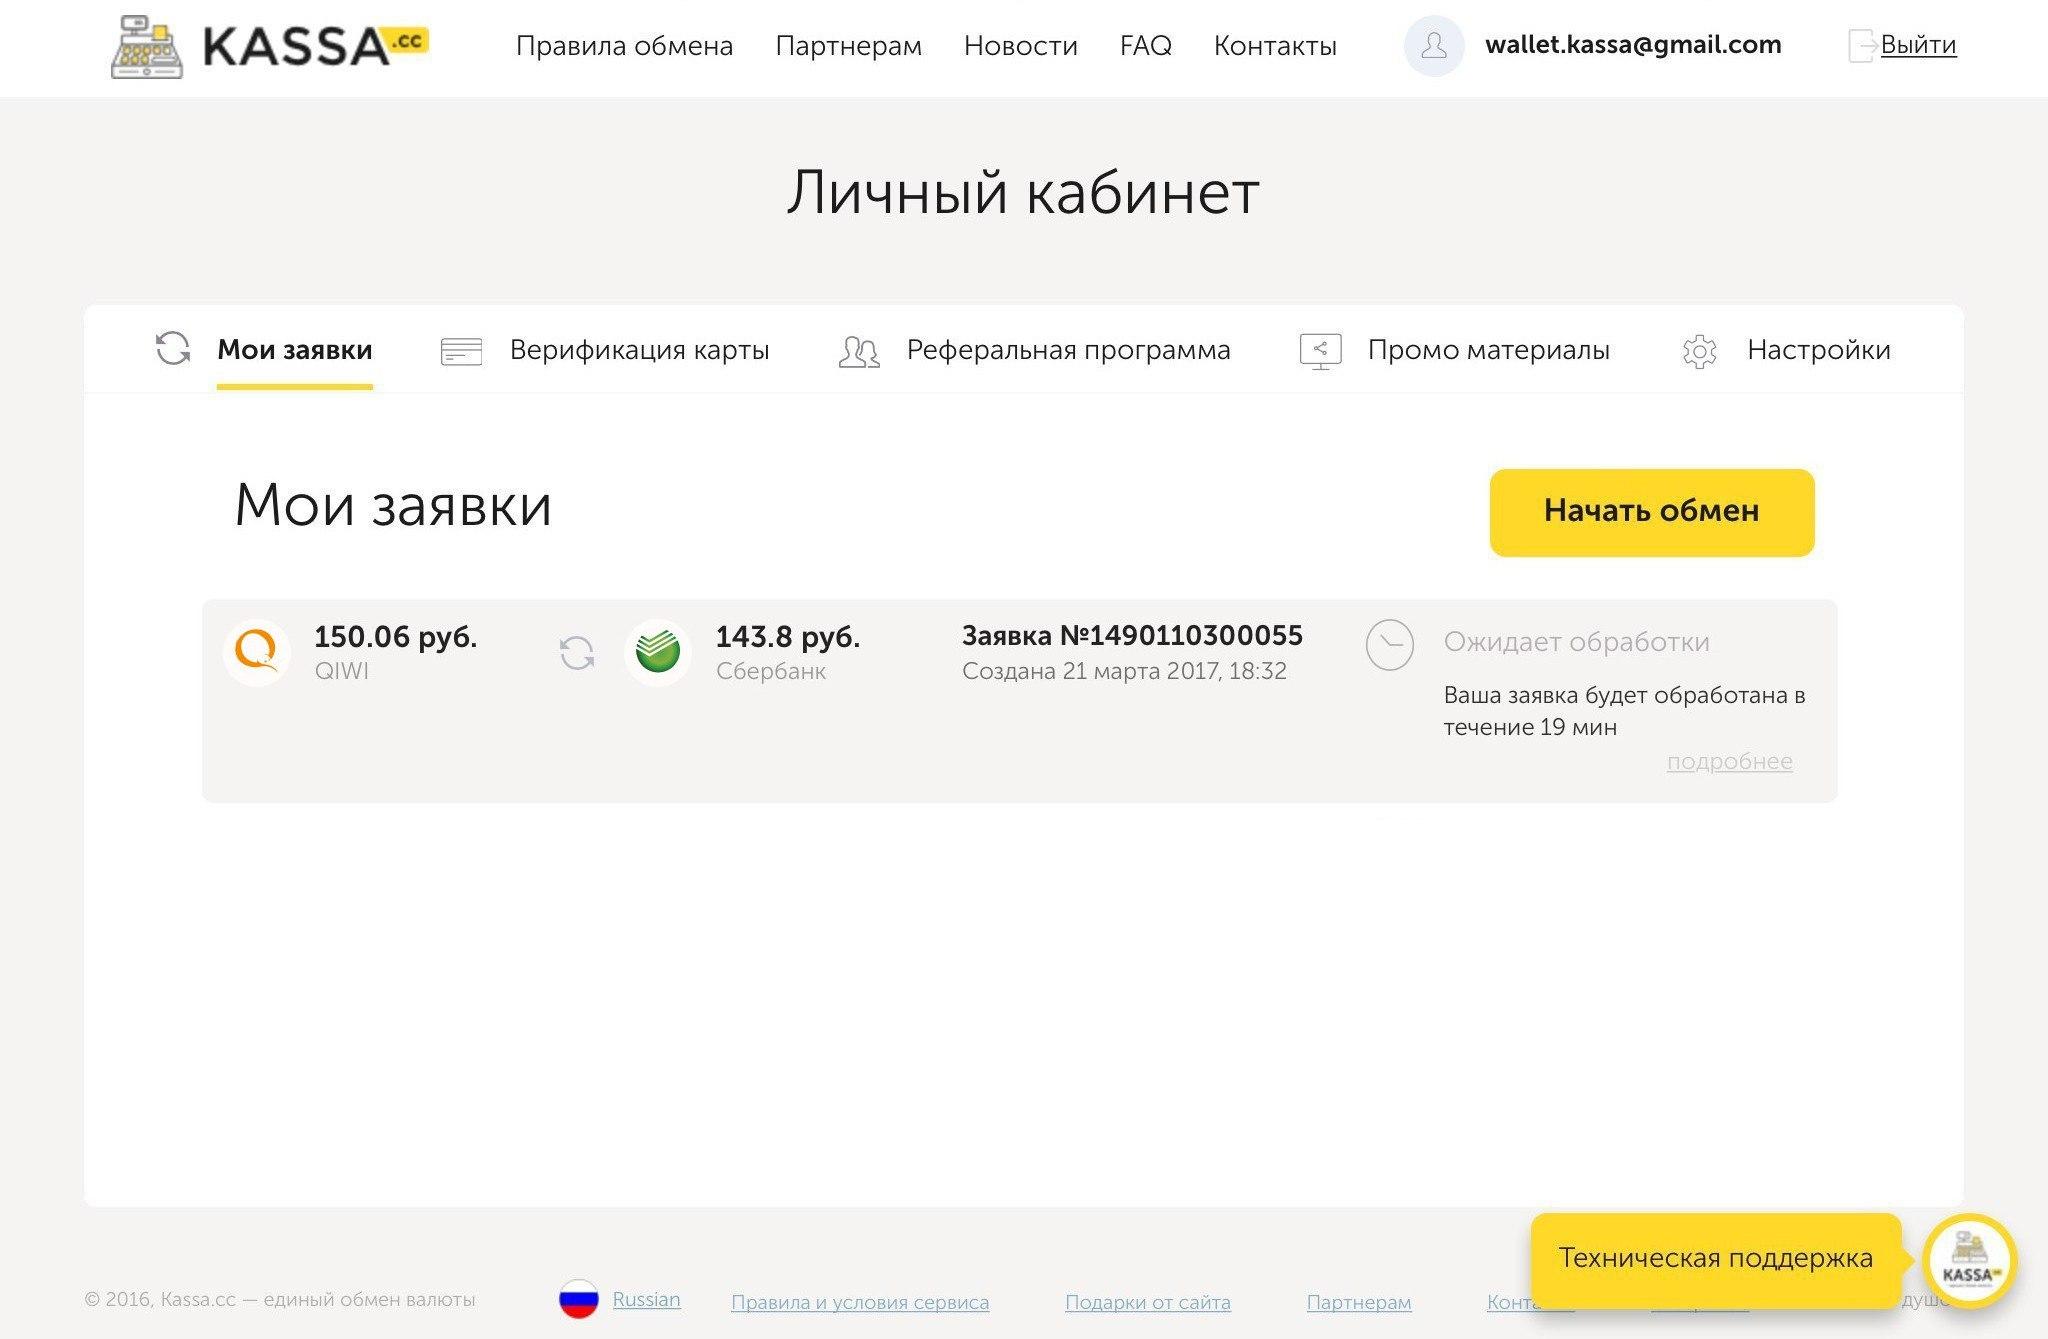 Kassa.cc - единый обмен валюты. Вывод QIWI RUB на карту Сбербанк